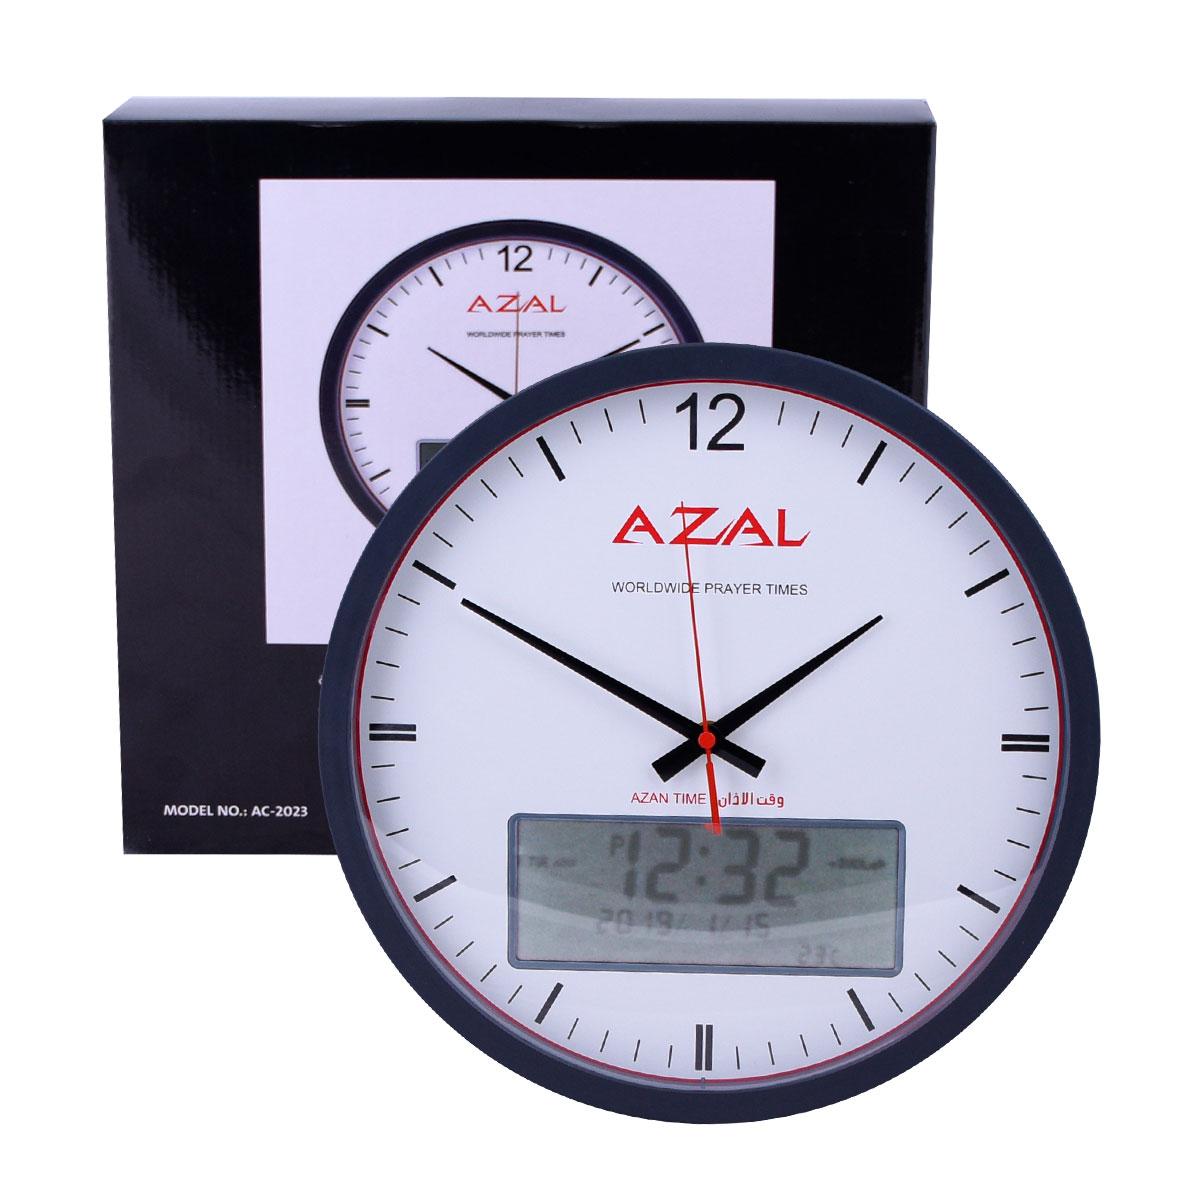 ساعة الاذان الاوتوماتيكية مع تحديد اتجاه القبلة AC-2023